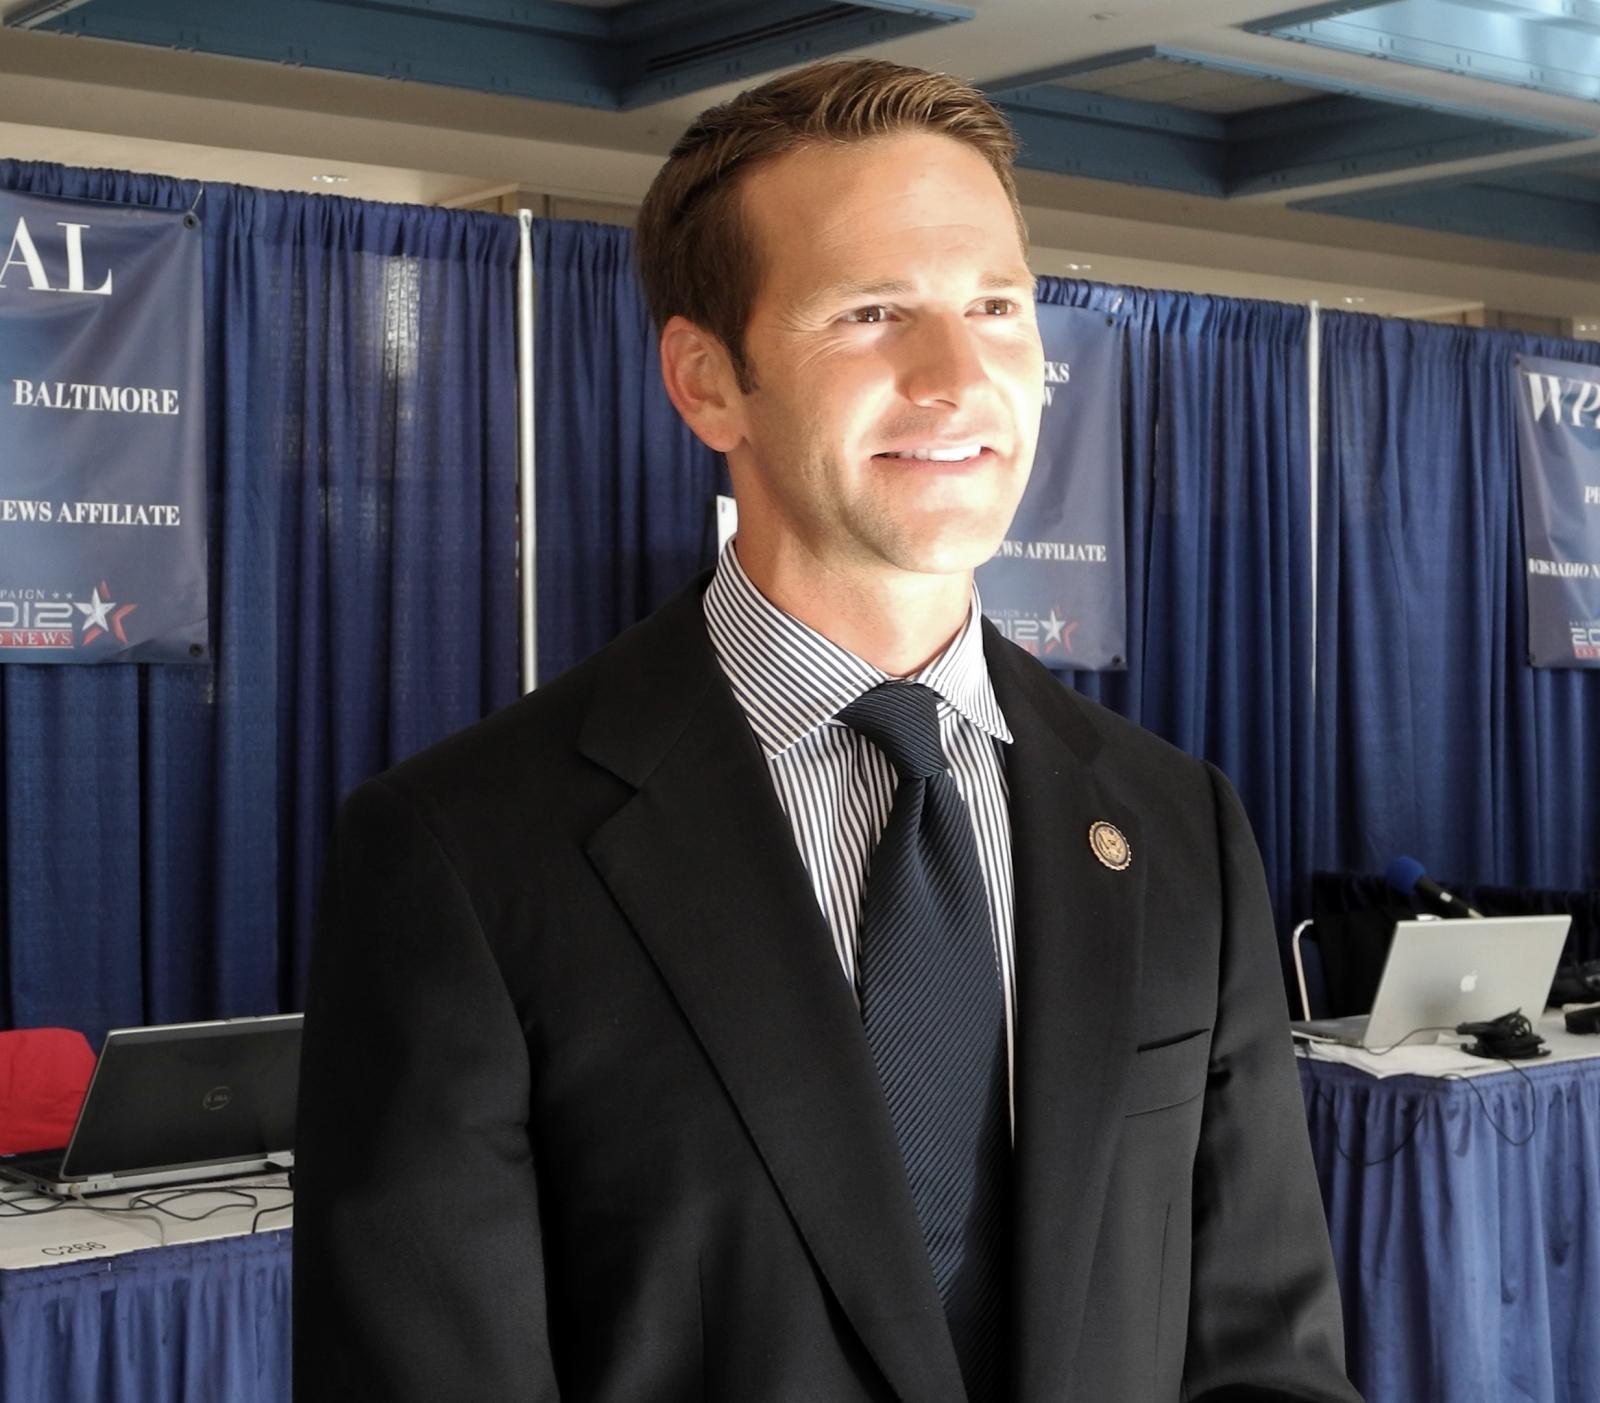 Republican Congressman Aaron Schock